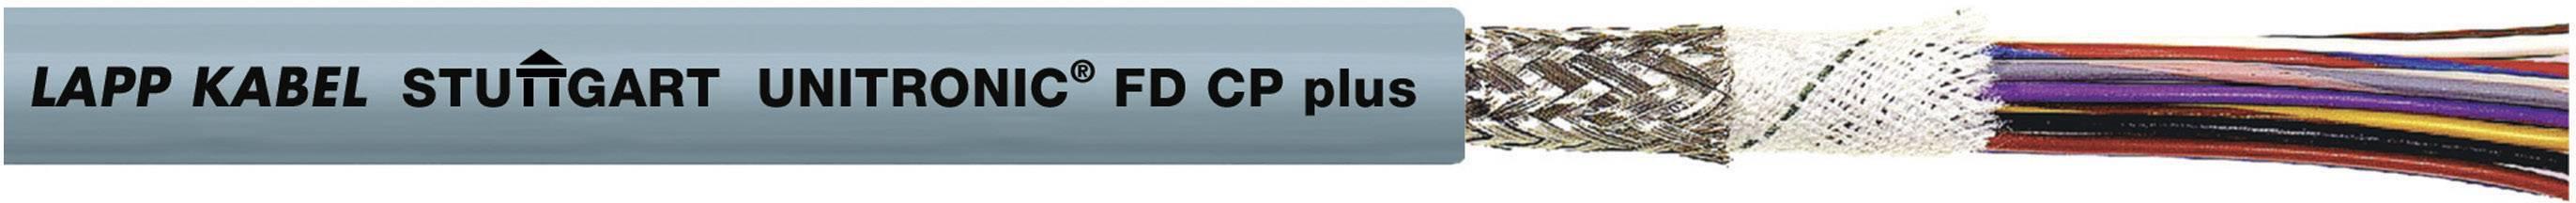 Datový kabel LappKabel UNITRONIC FD CP PLUS 7X0,34 (0028902), 7x 0,34 mm², Ø 7,4 mm, stíněný, 100 m, šedá